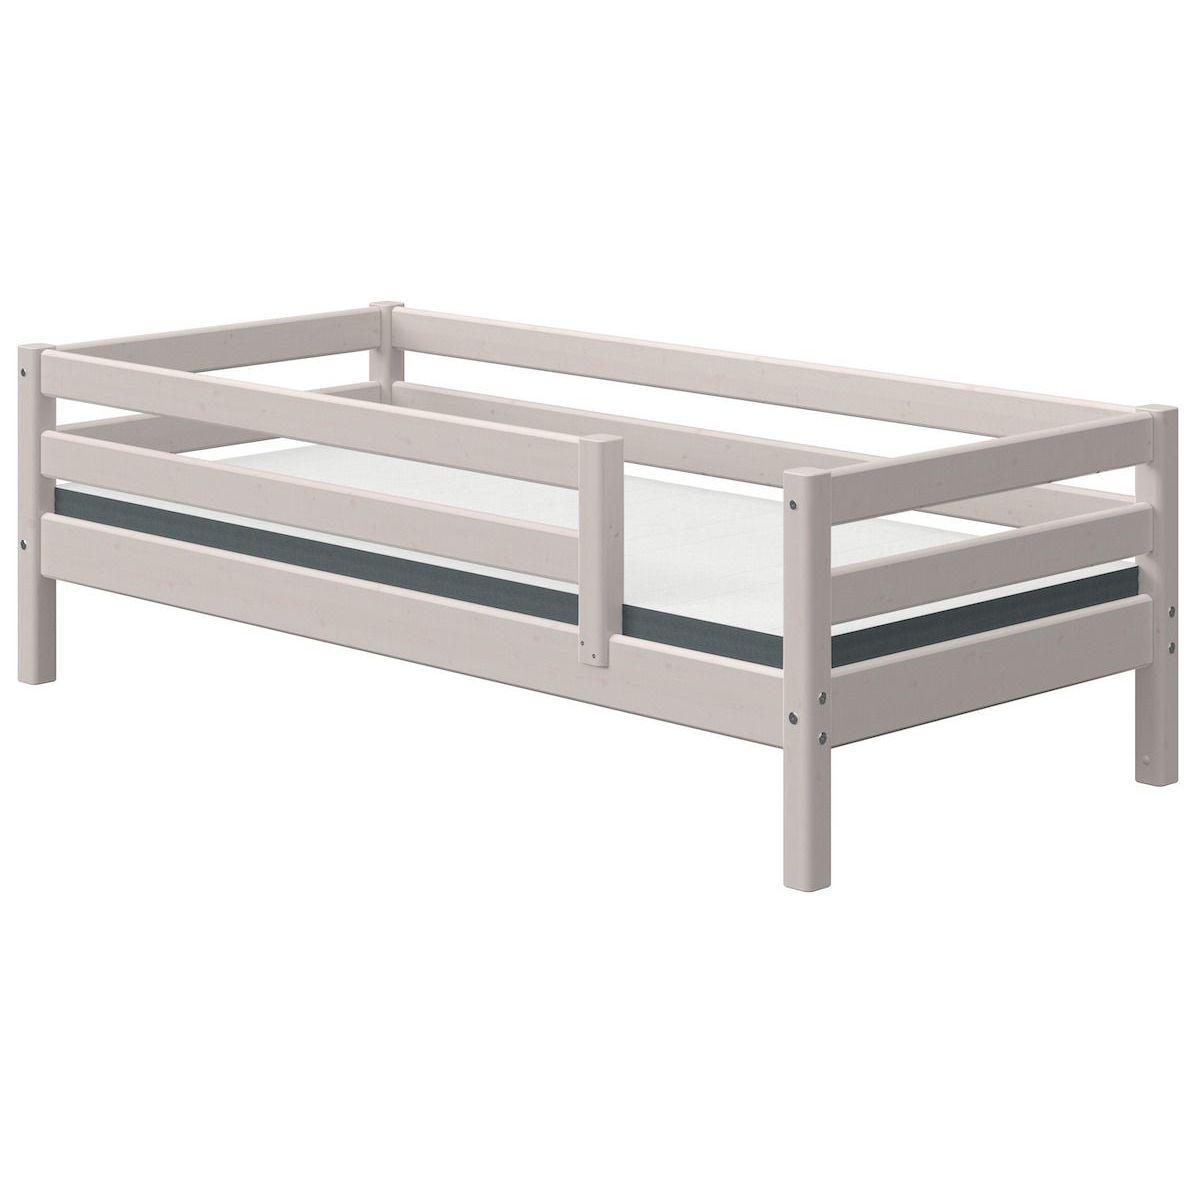 Tagesbett 90x190cm Absturzsicherung CLASSIC Flexa grey washed